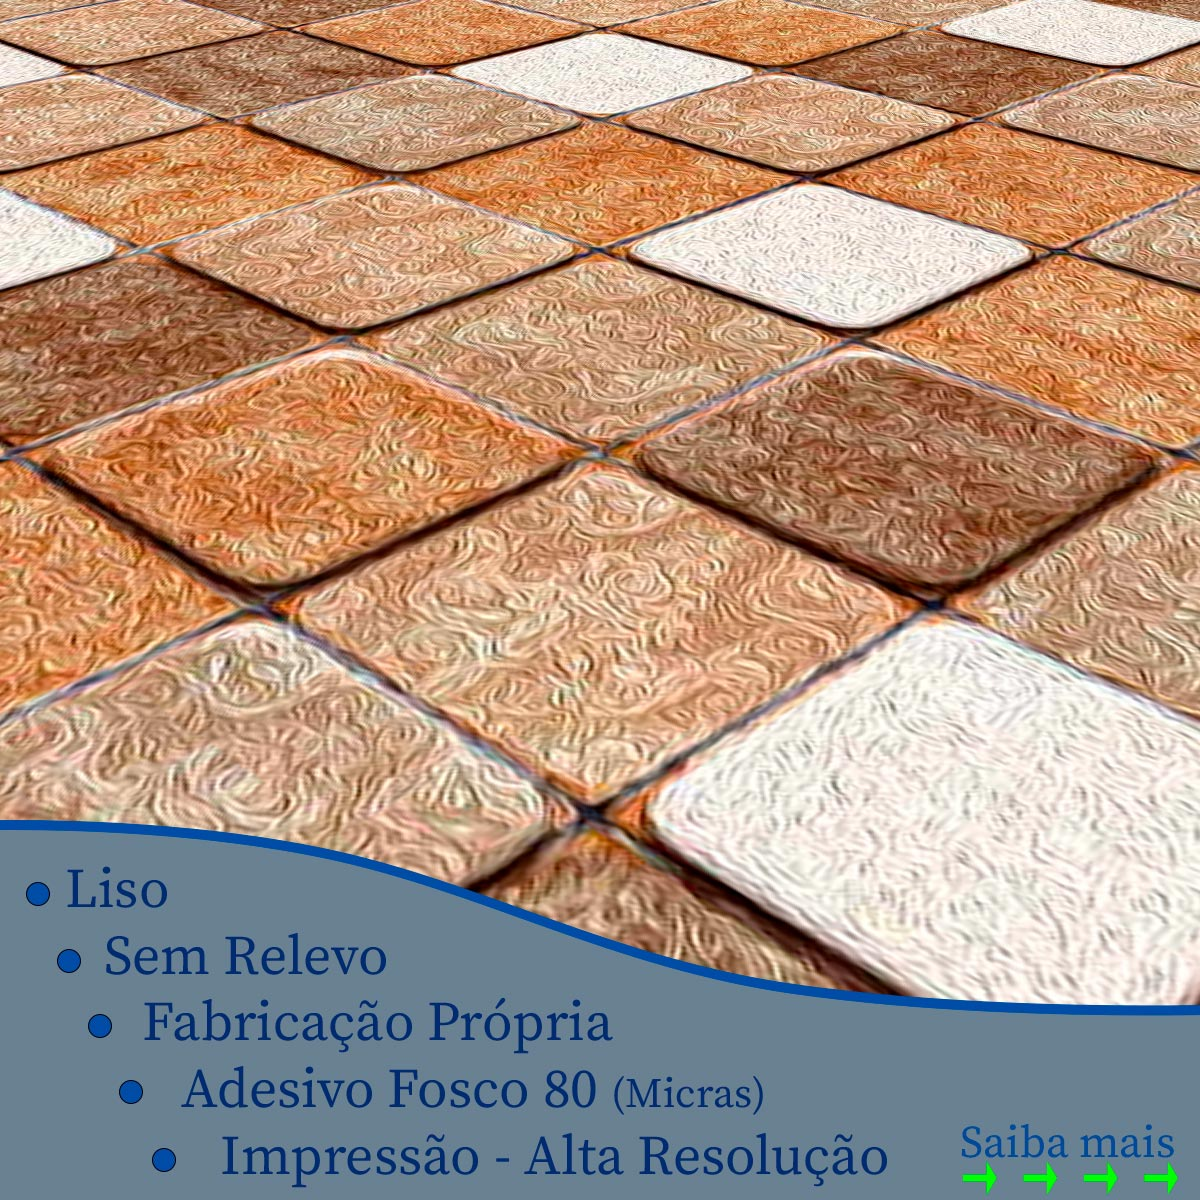 Papel de Parede Pastilhas Pedras 3D Rustica Adesivo